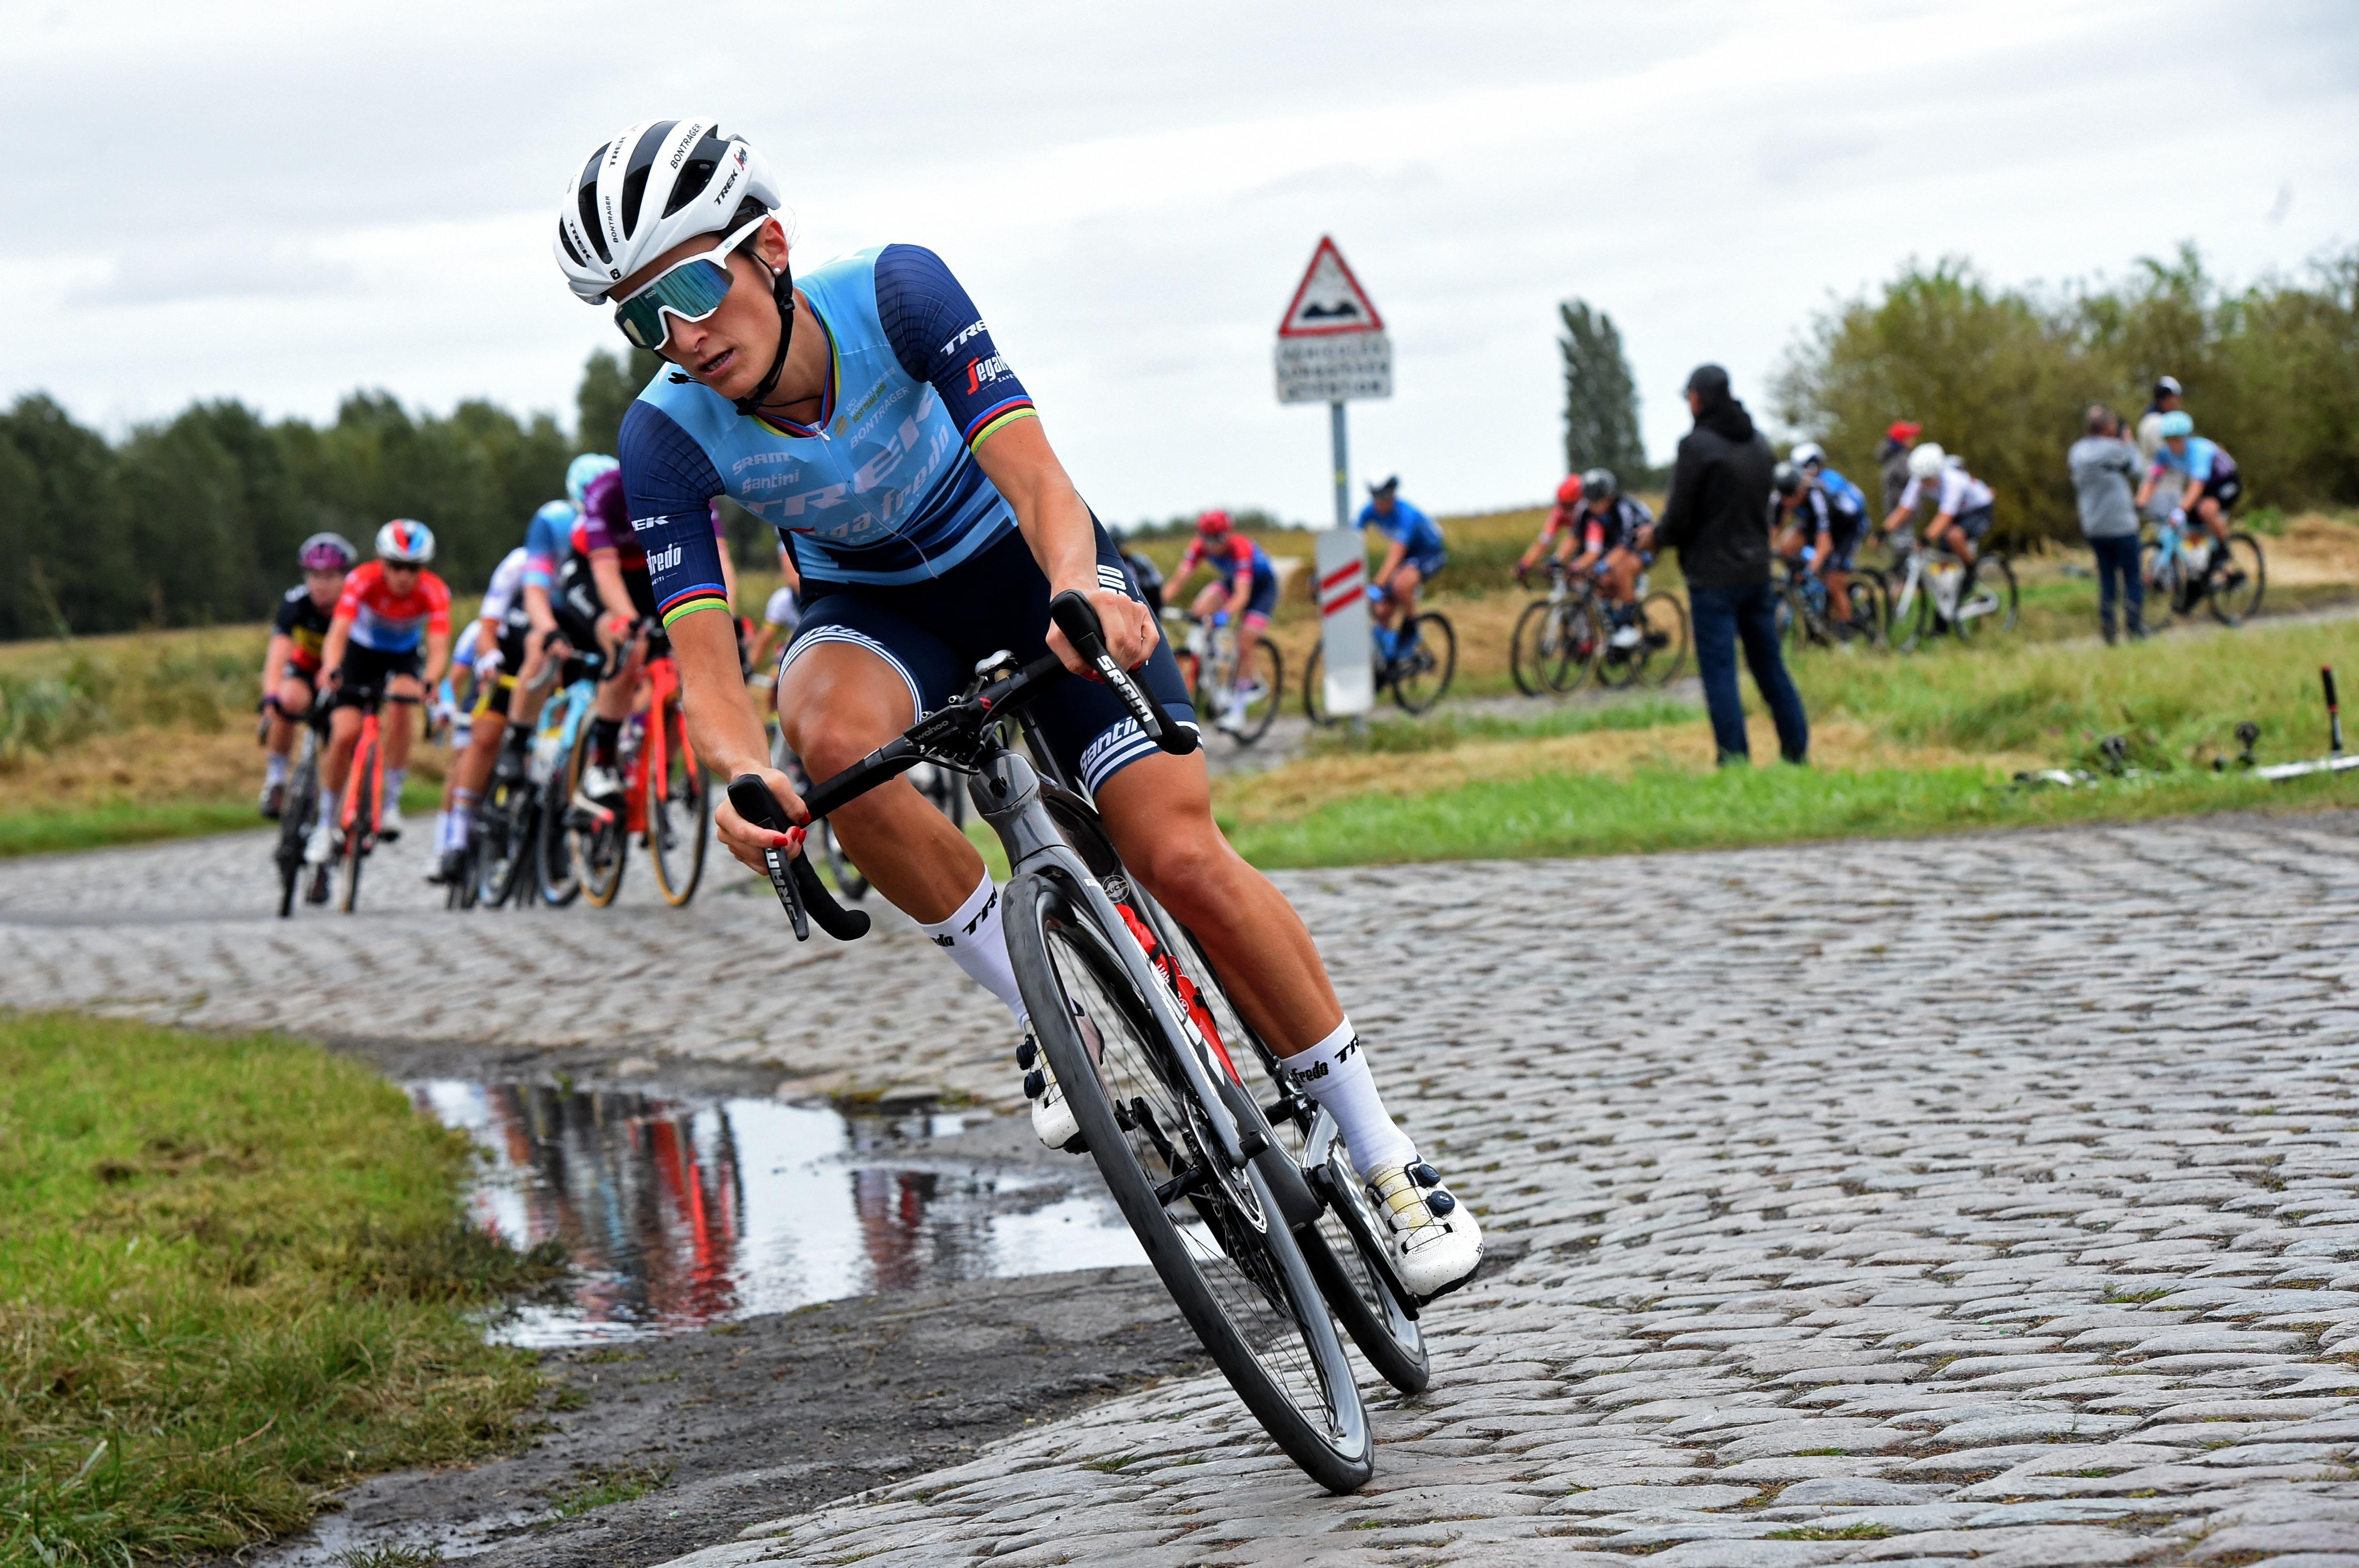 TOPSHOT-CYCLING-WOMEN-RACE-PARIS ROUBAIX